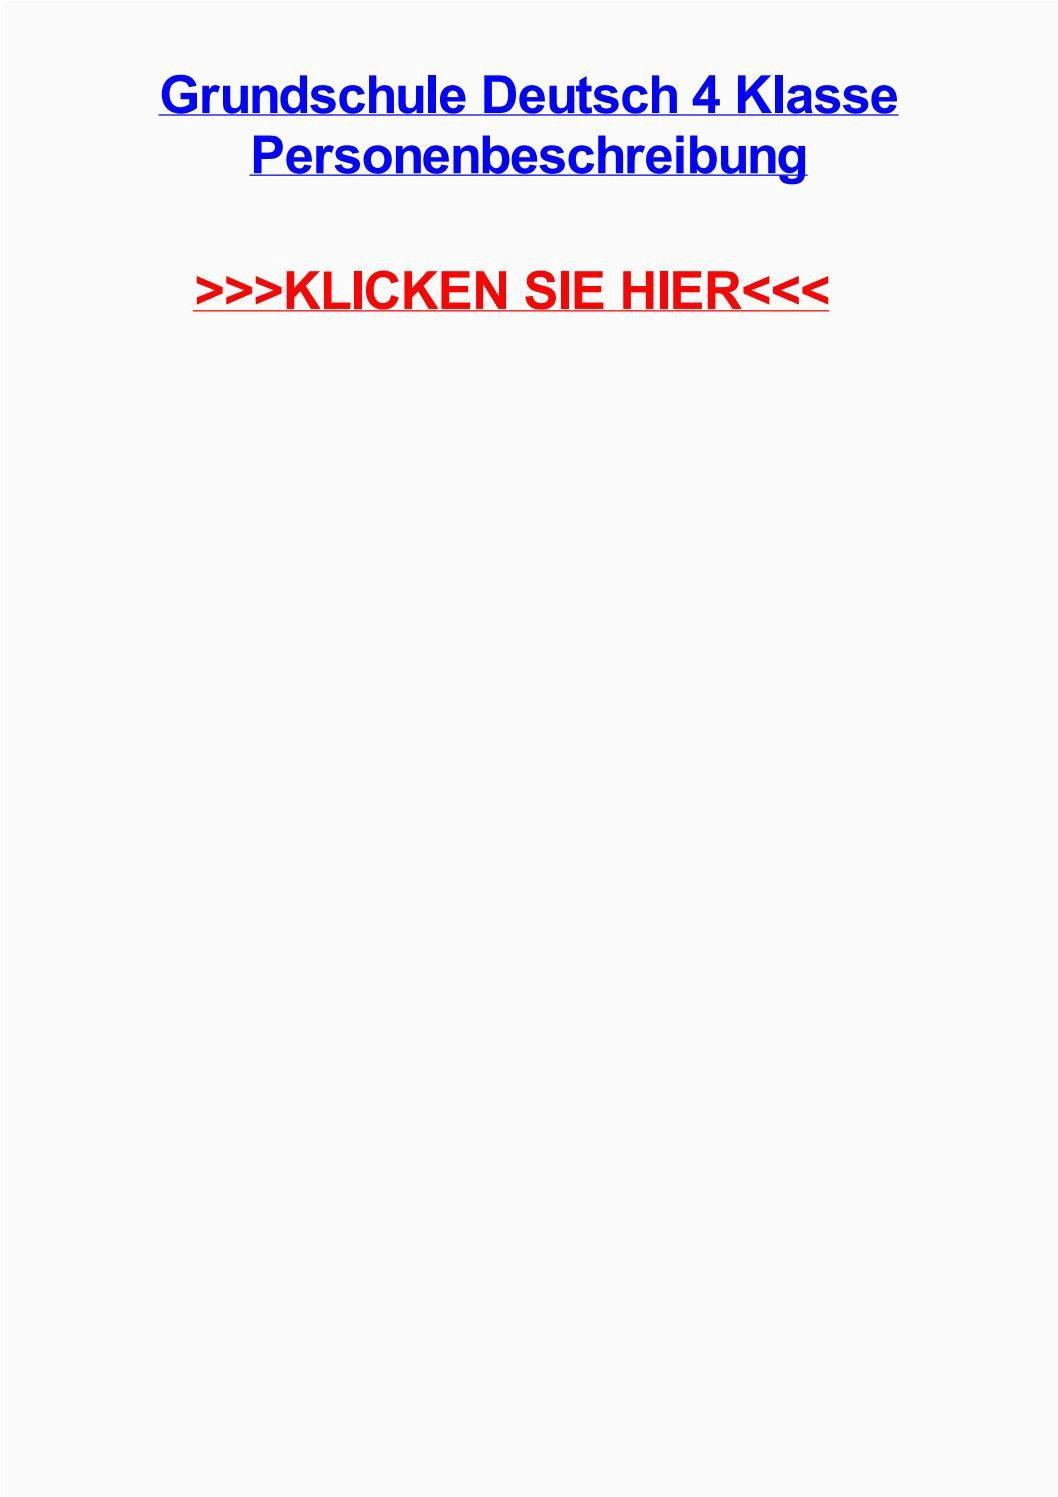 Treffpunkt Deutsch 4 Lebenslauf Di 2020